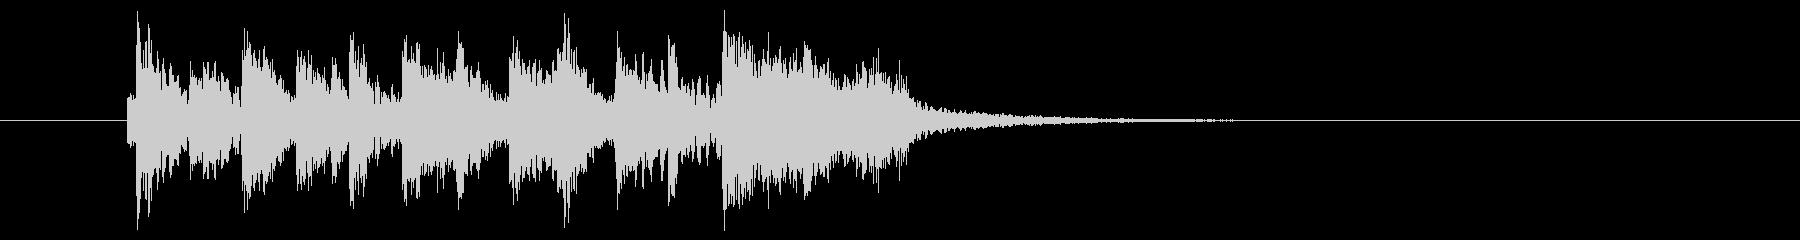 チャラチャラッチャチャチャン(区切り)の未再生の波形